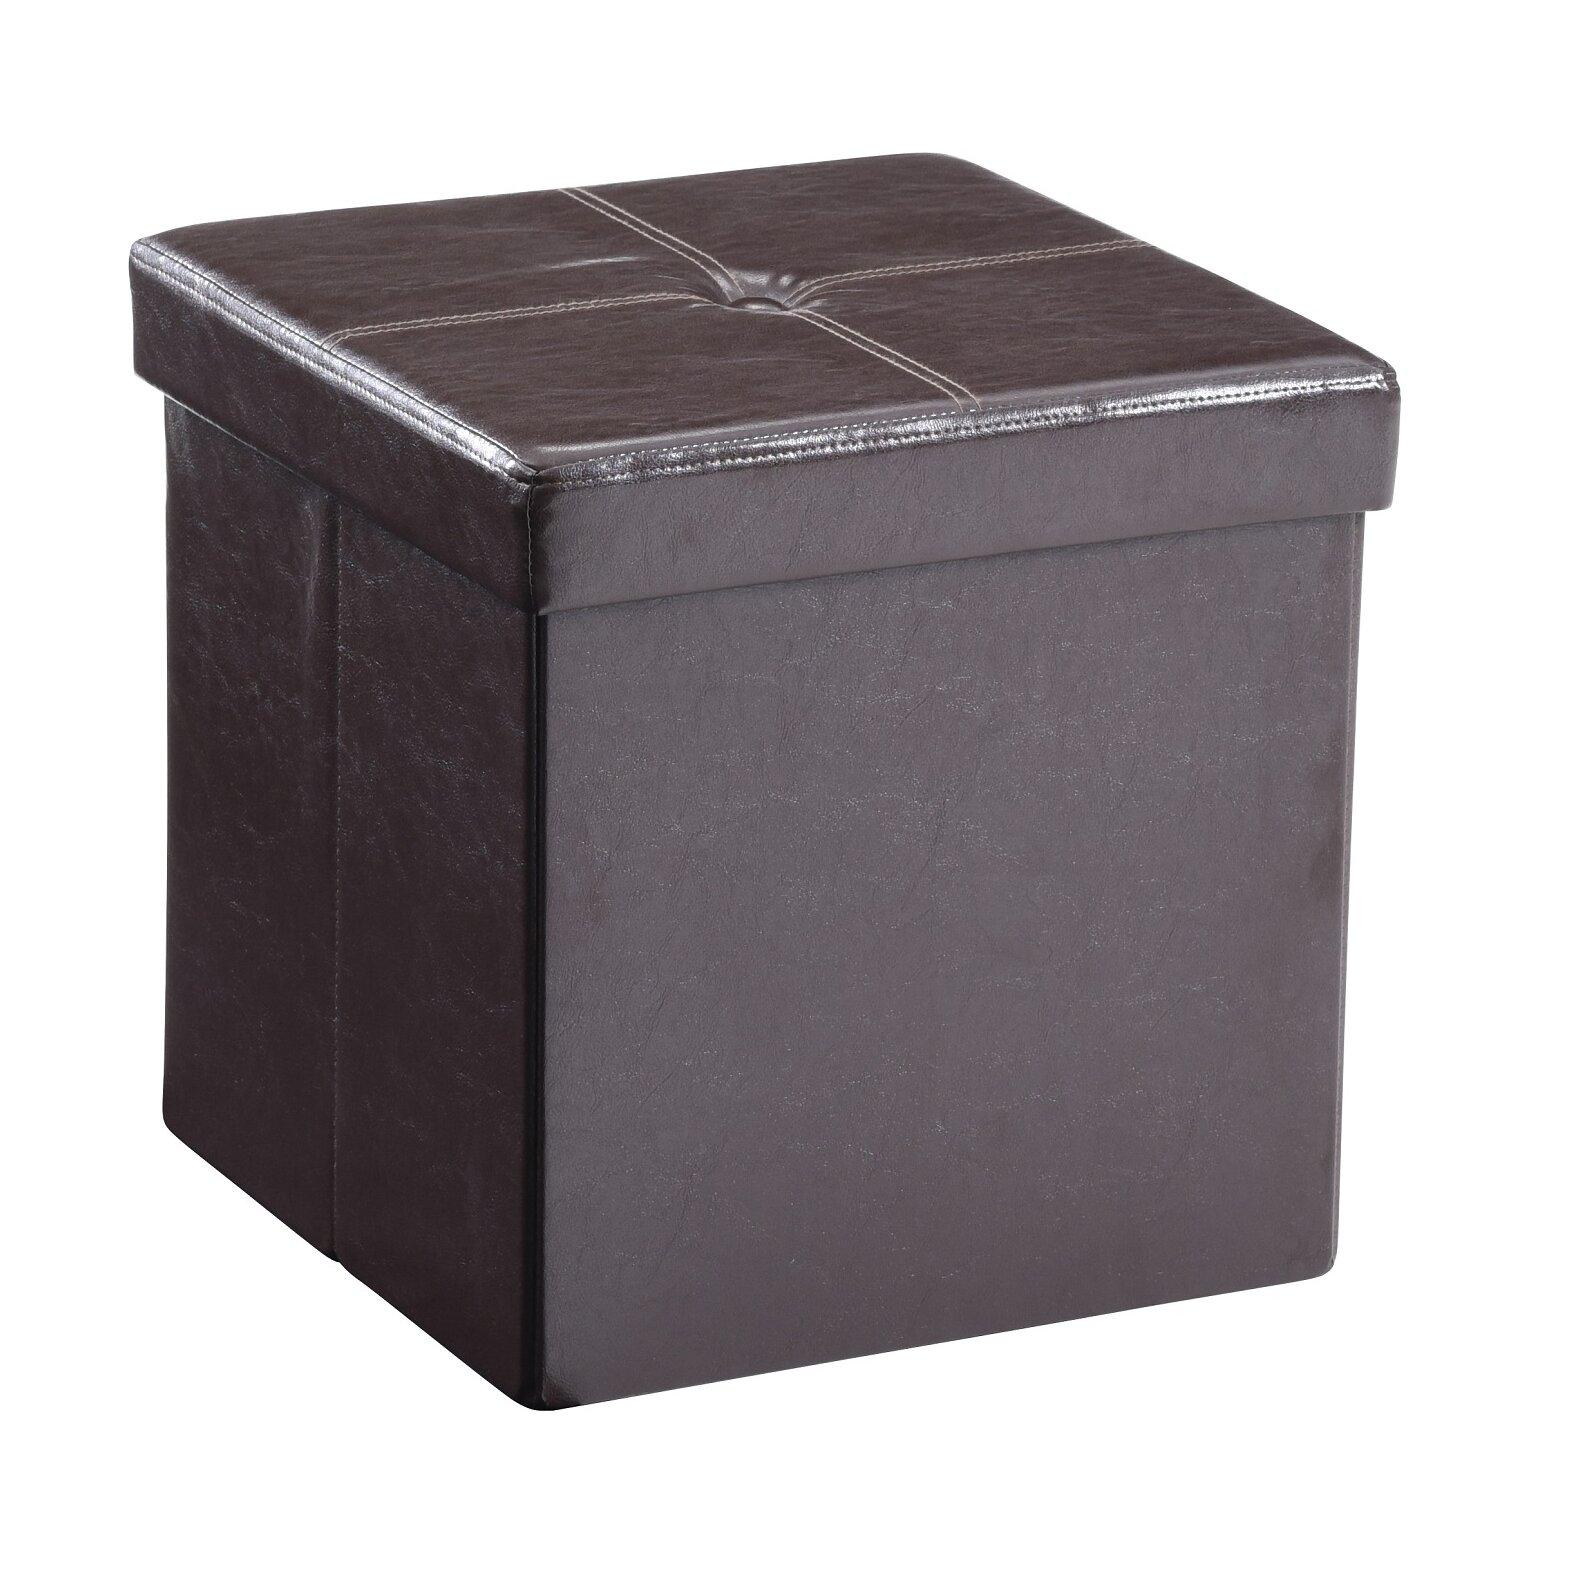 Carisbrooke Cube Upholstered Storage Ottoman - Andover Mills Carisbrooke Cube Upholstered Storage Ottoman